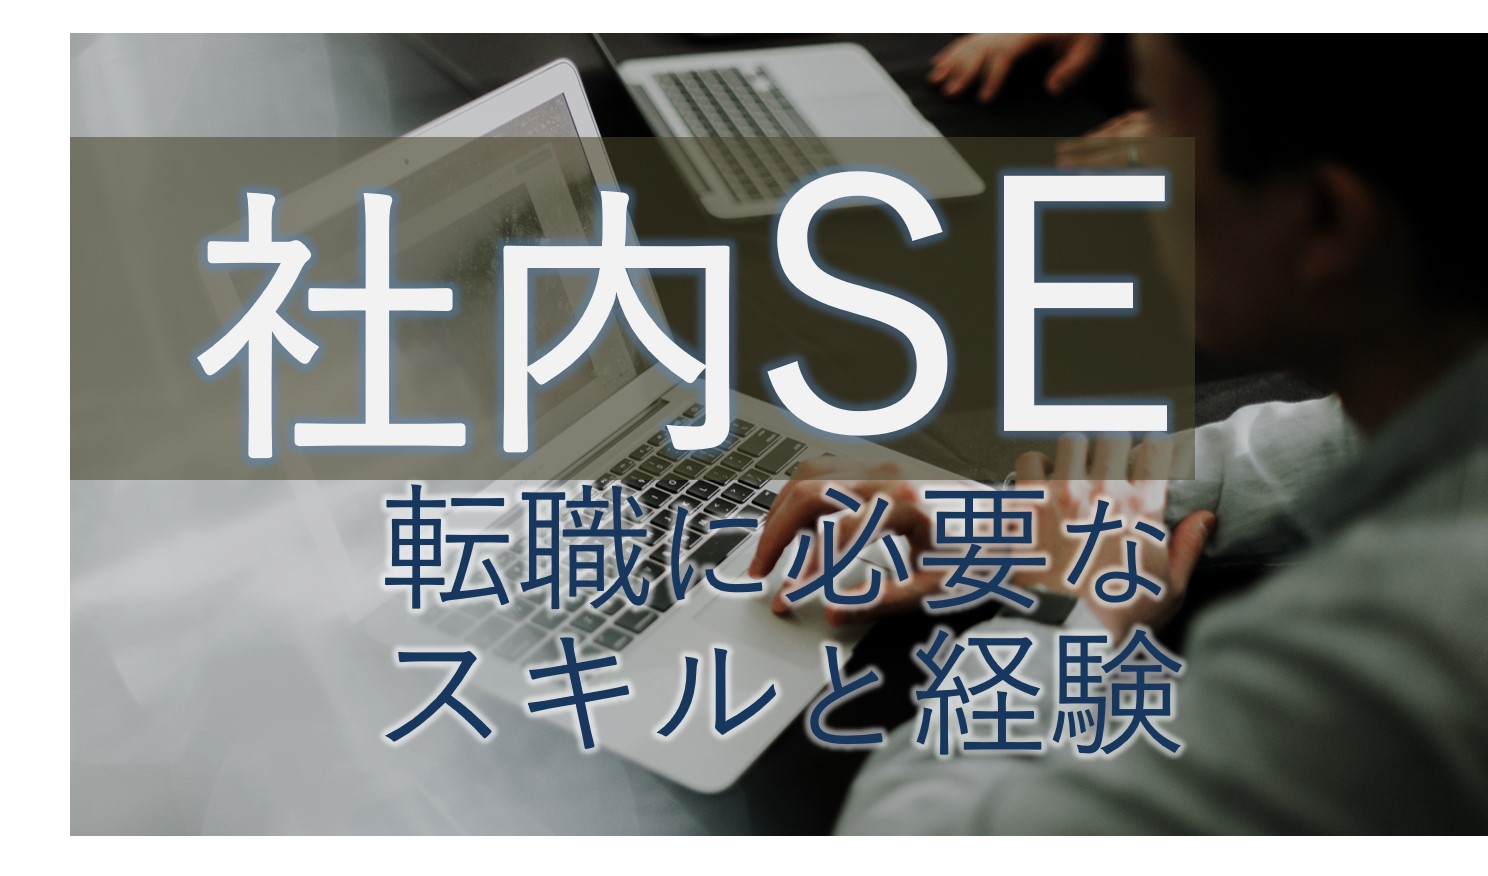 【失敗しない】社内SE転職に必要な経験とスキルを現役SEが解説